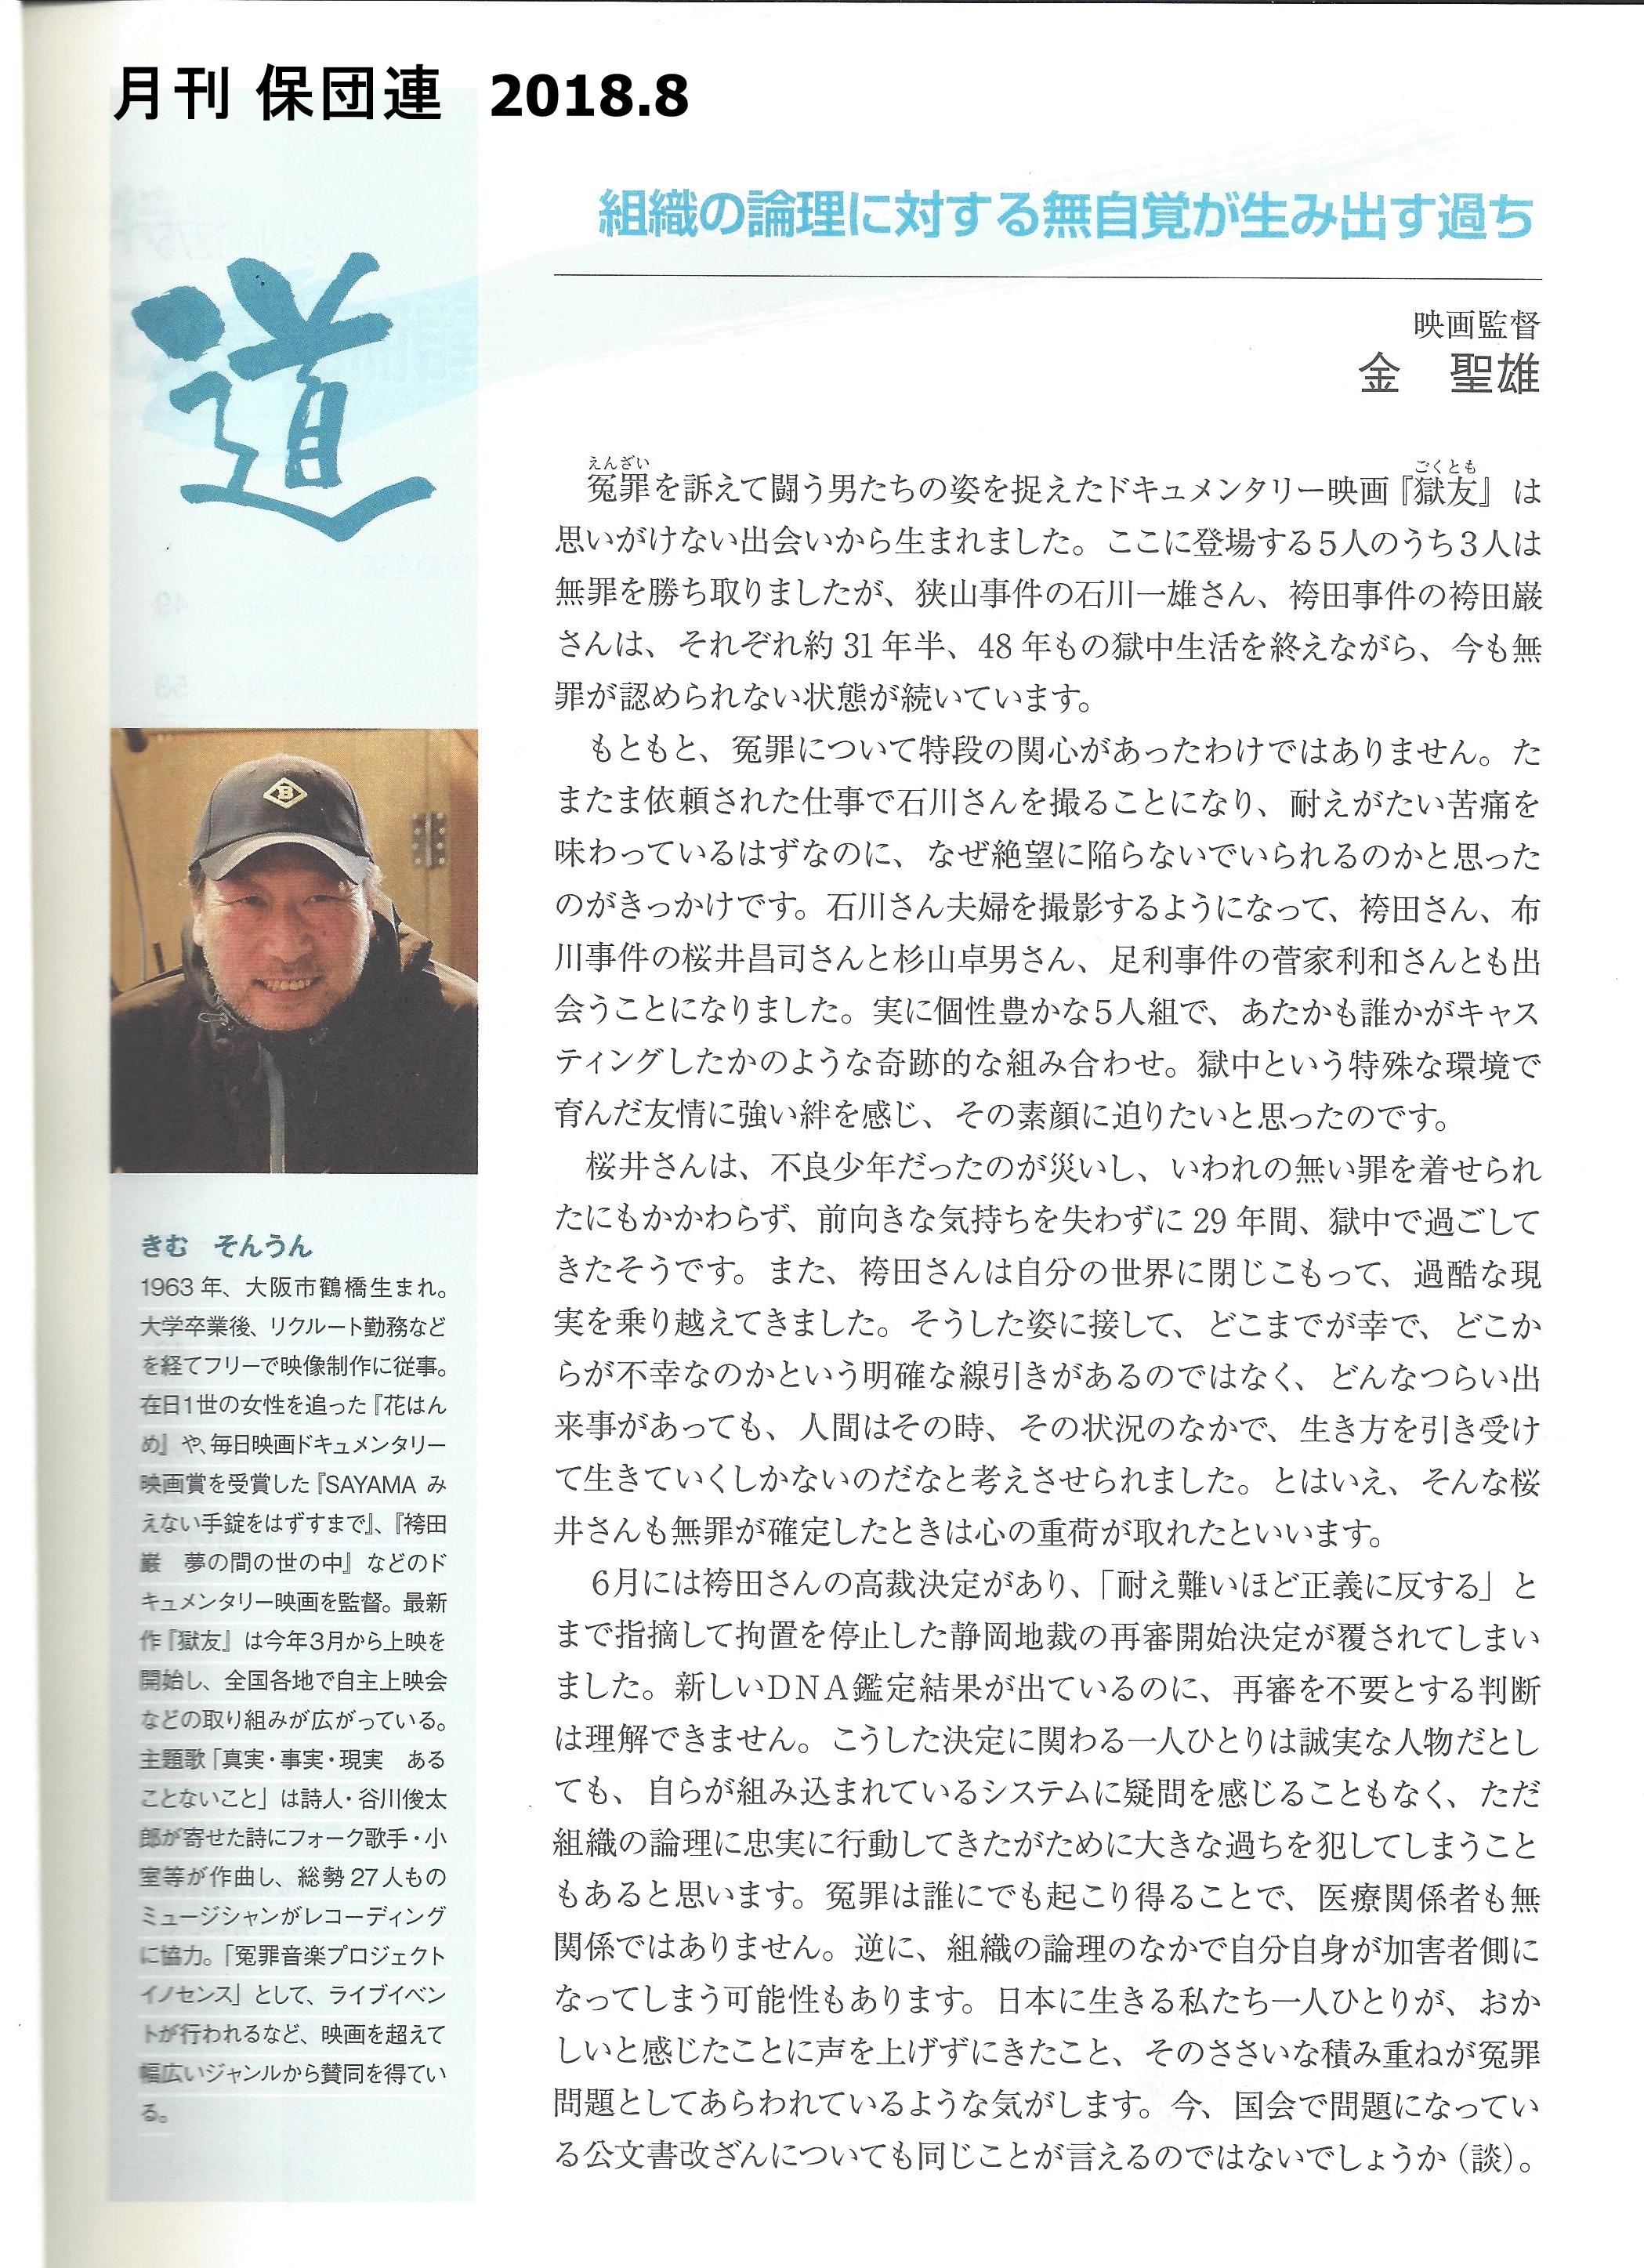 月刊 保団連2018 8 No.1276